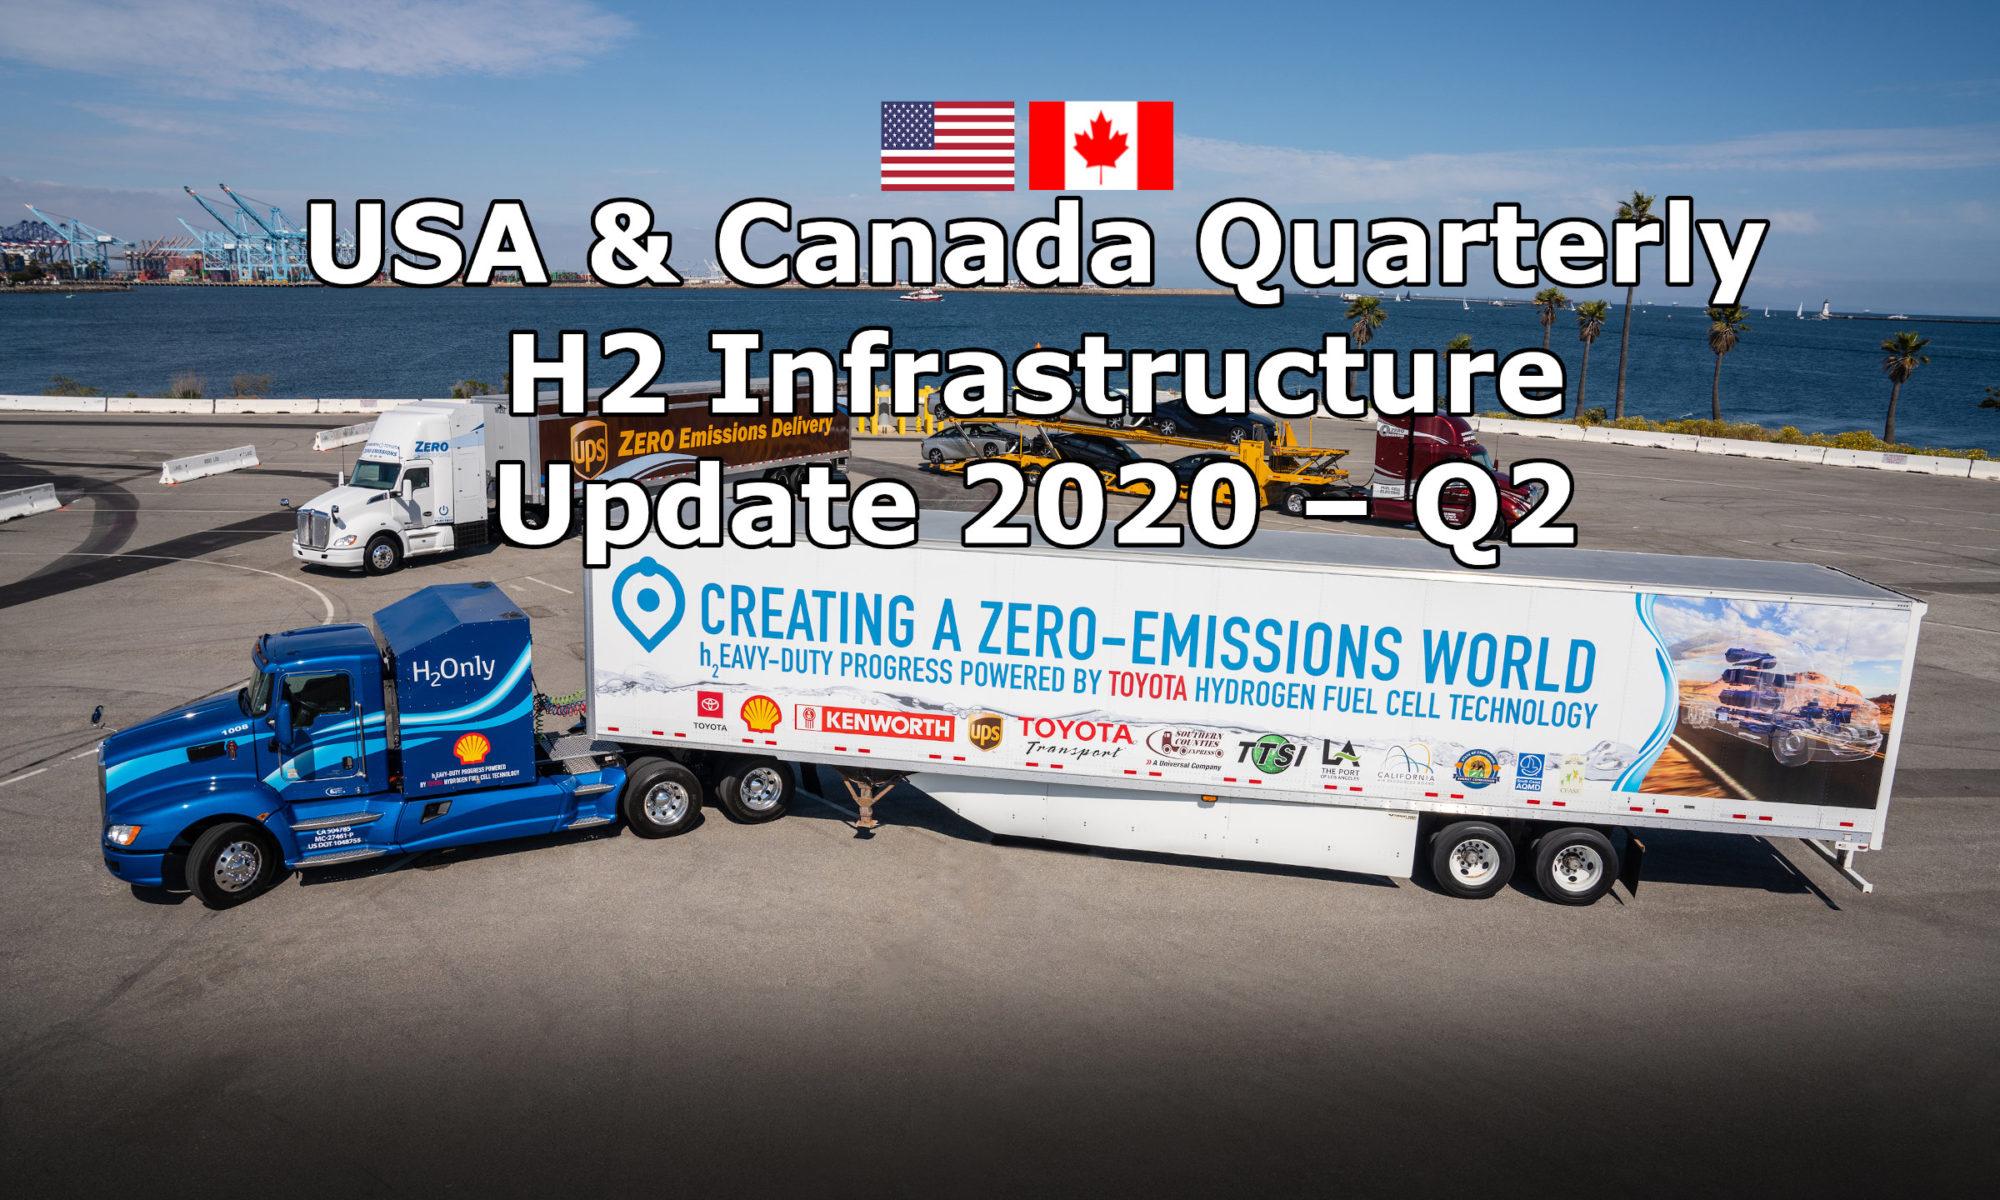 USA & CANADA QUARTERLY H2 INFRASTRUCTURE UPDATE 2020-Q2